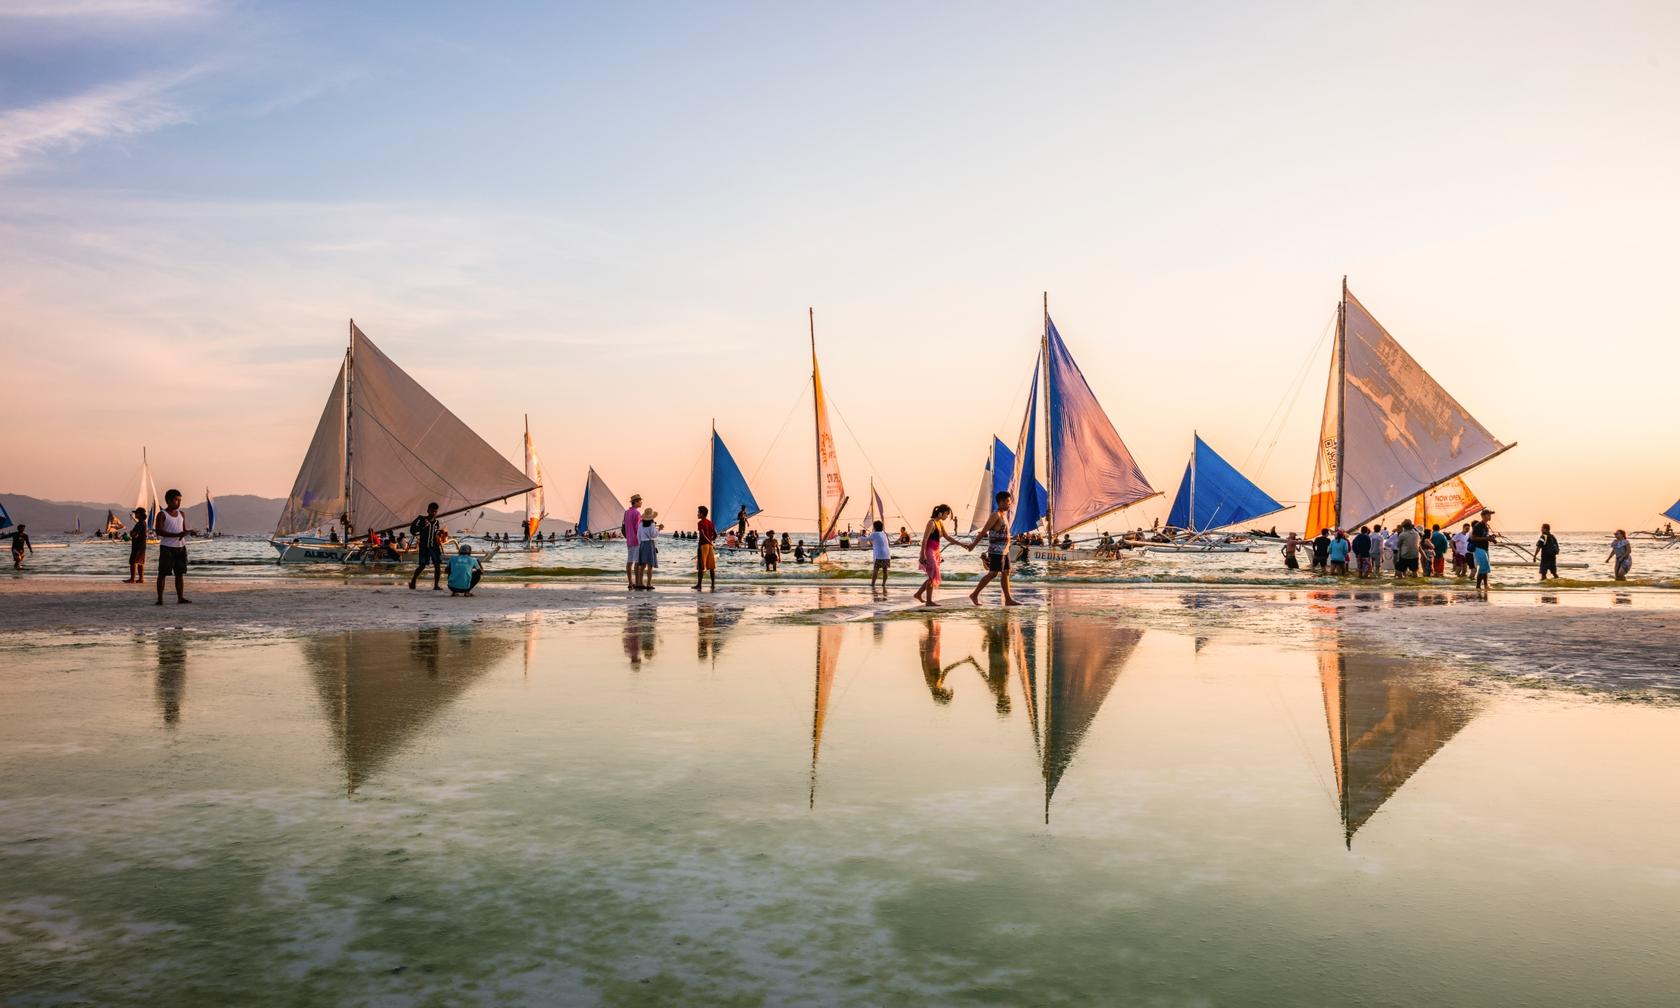 Vacation rentals in Boracay